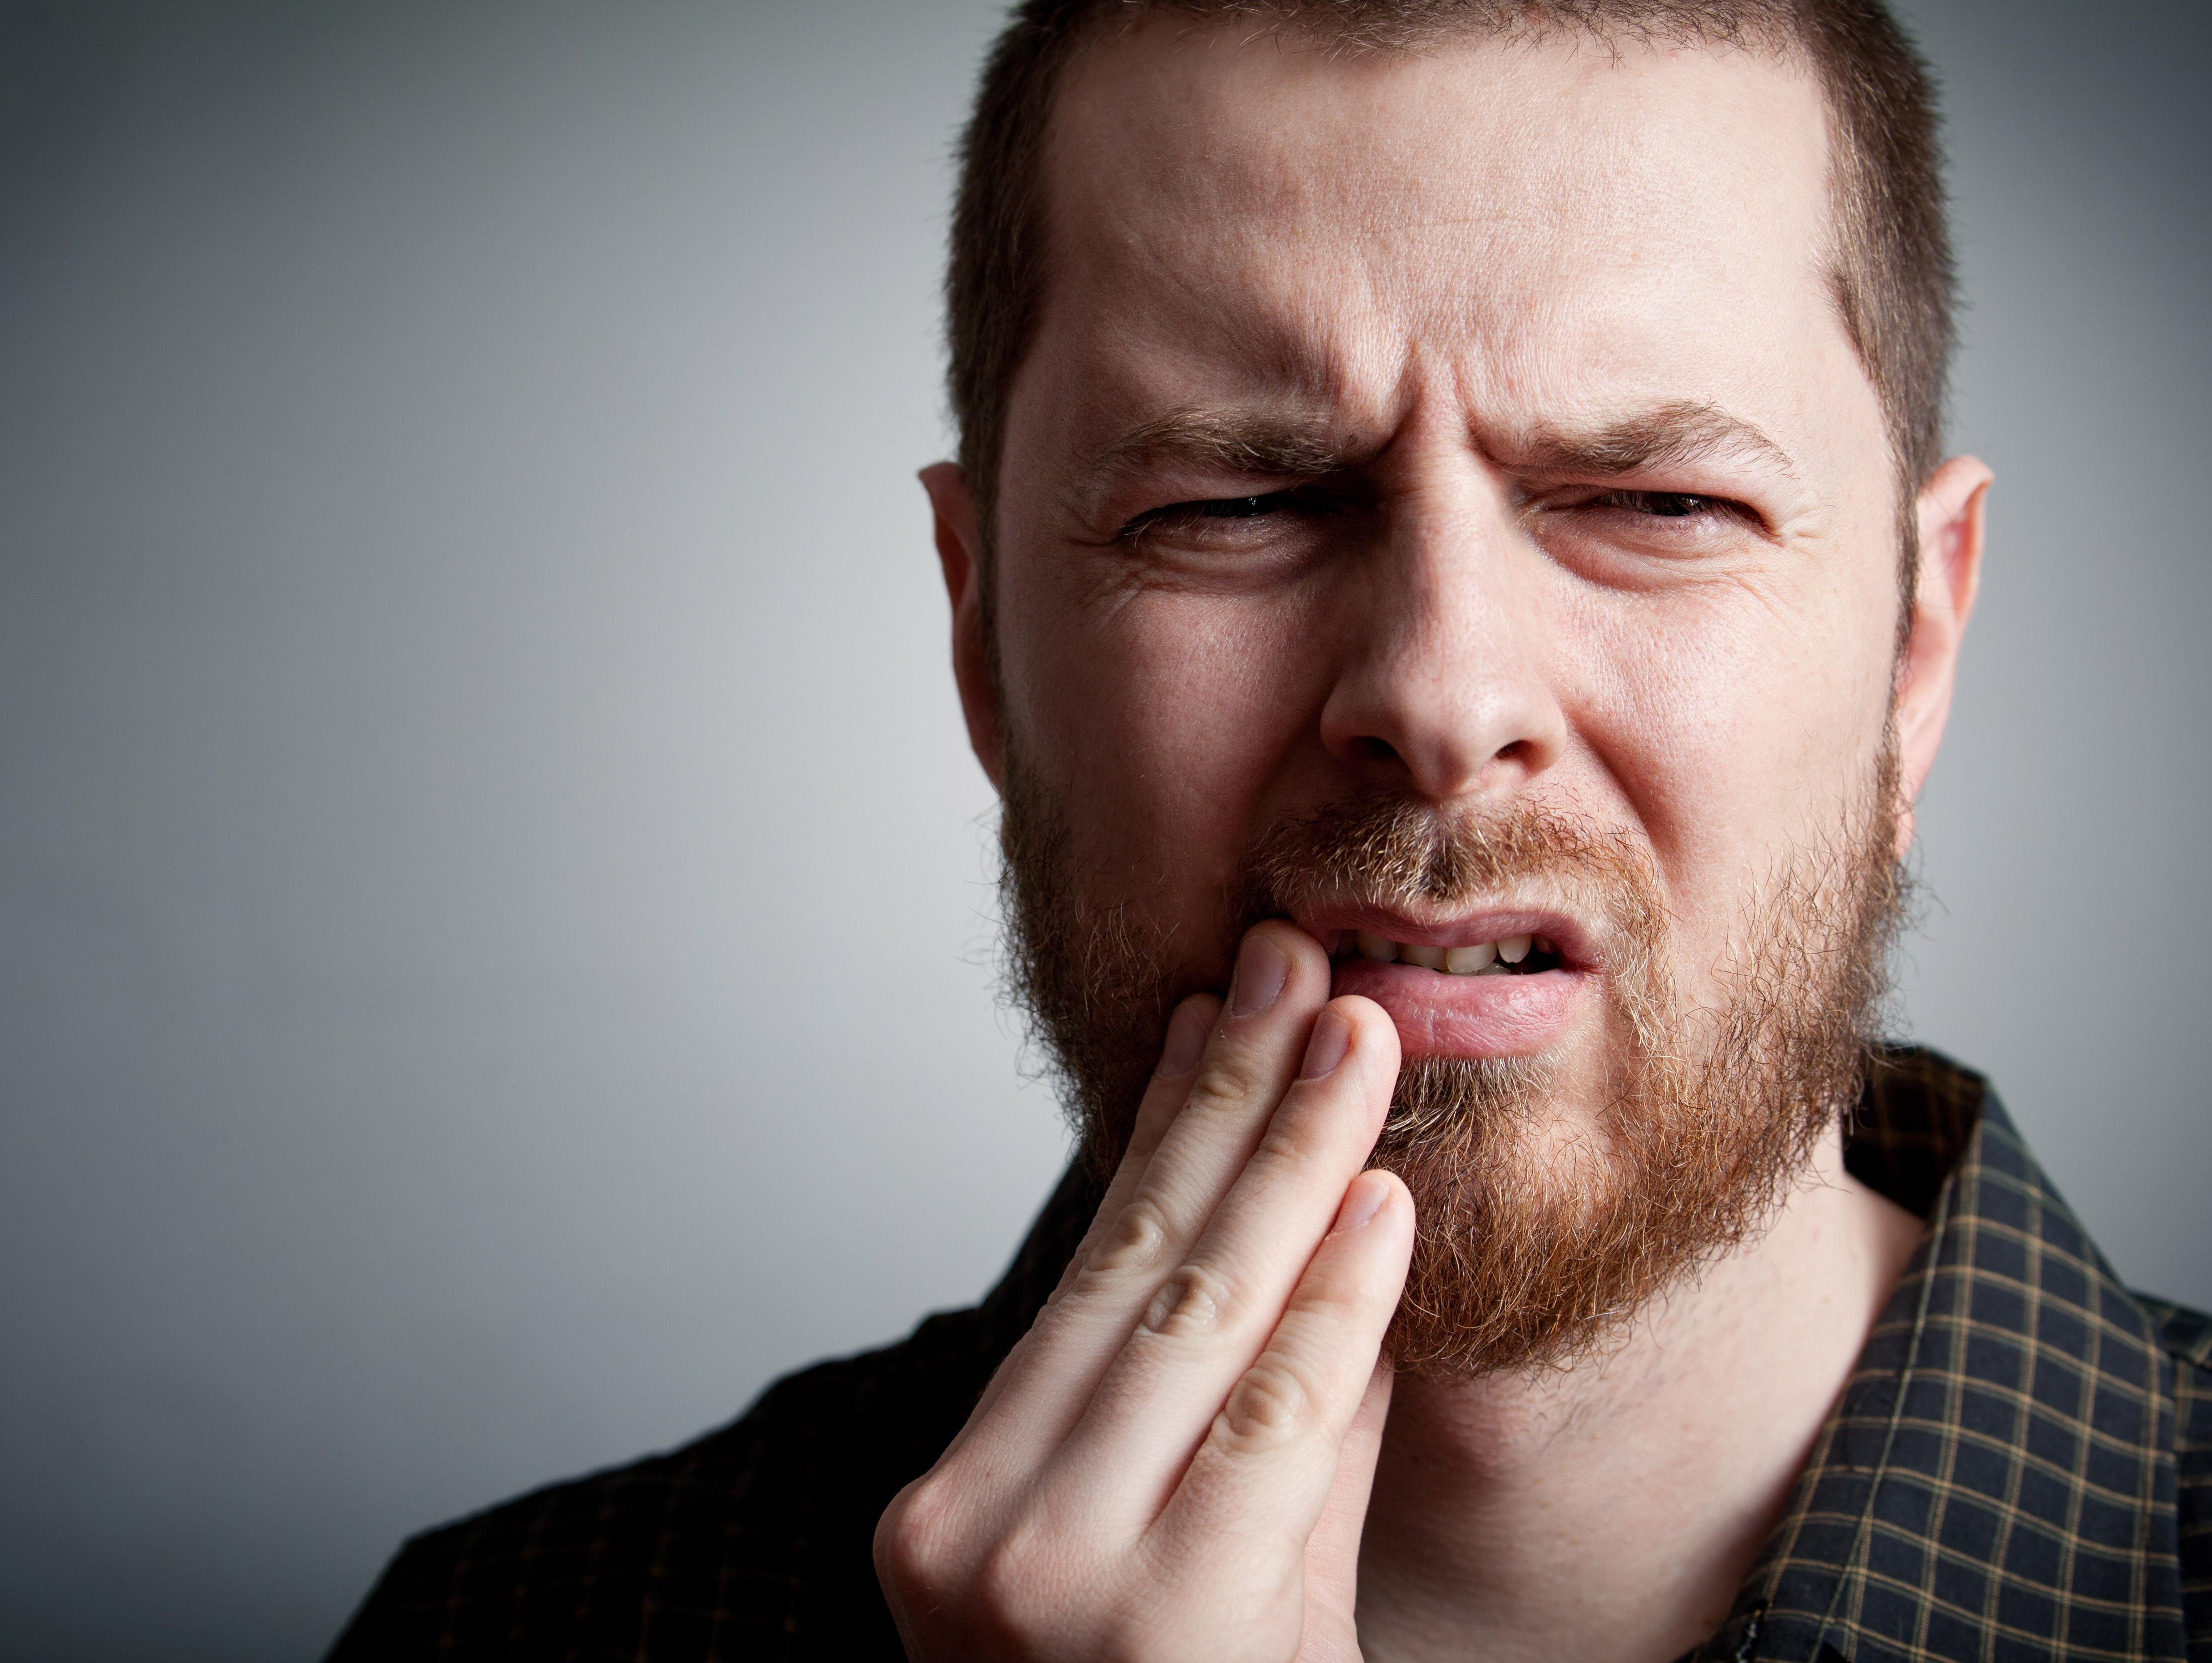 שימו לב: אלה הדברים שעלולים לגרום לכם לאבד שיניים